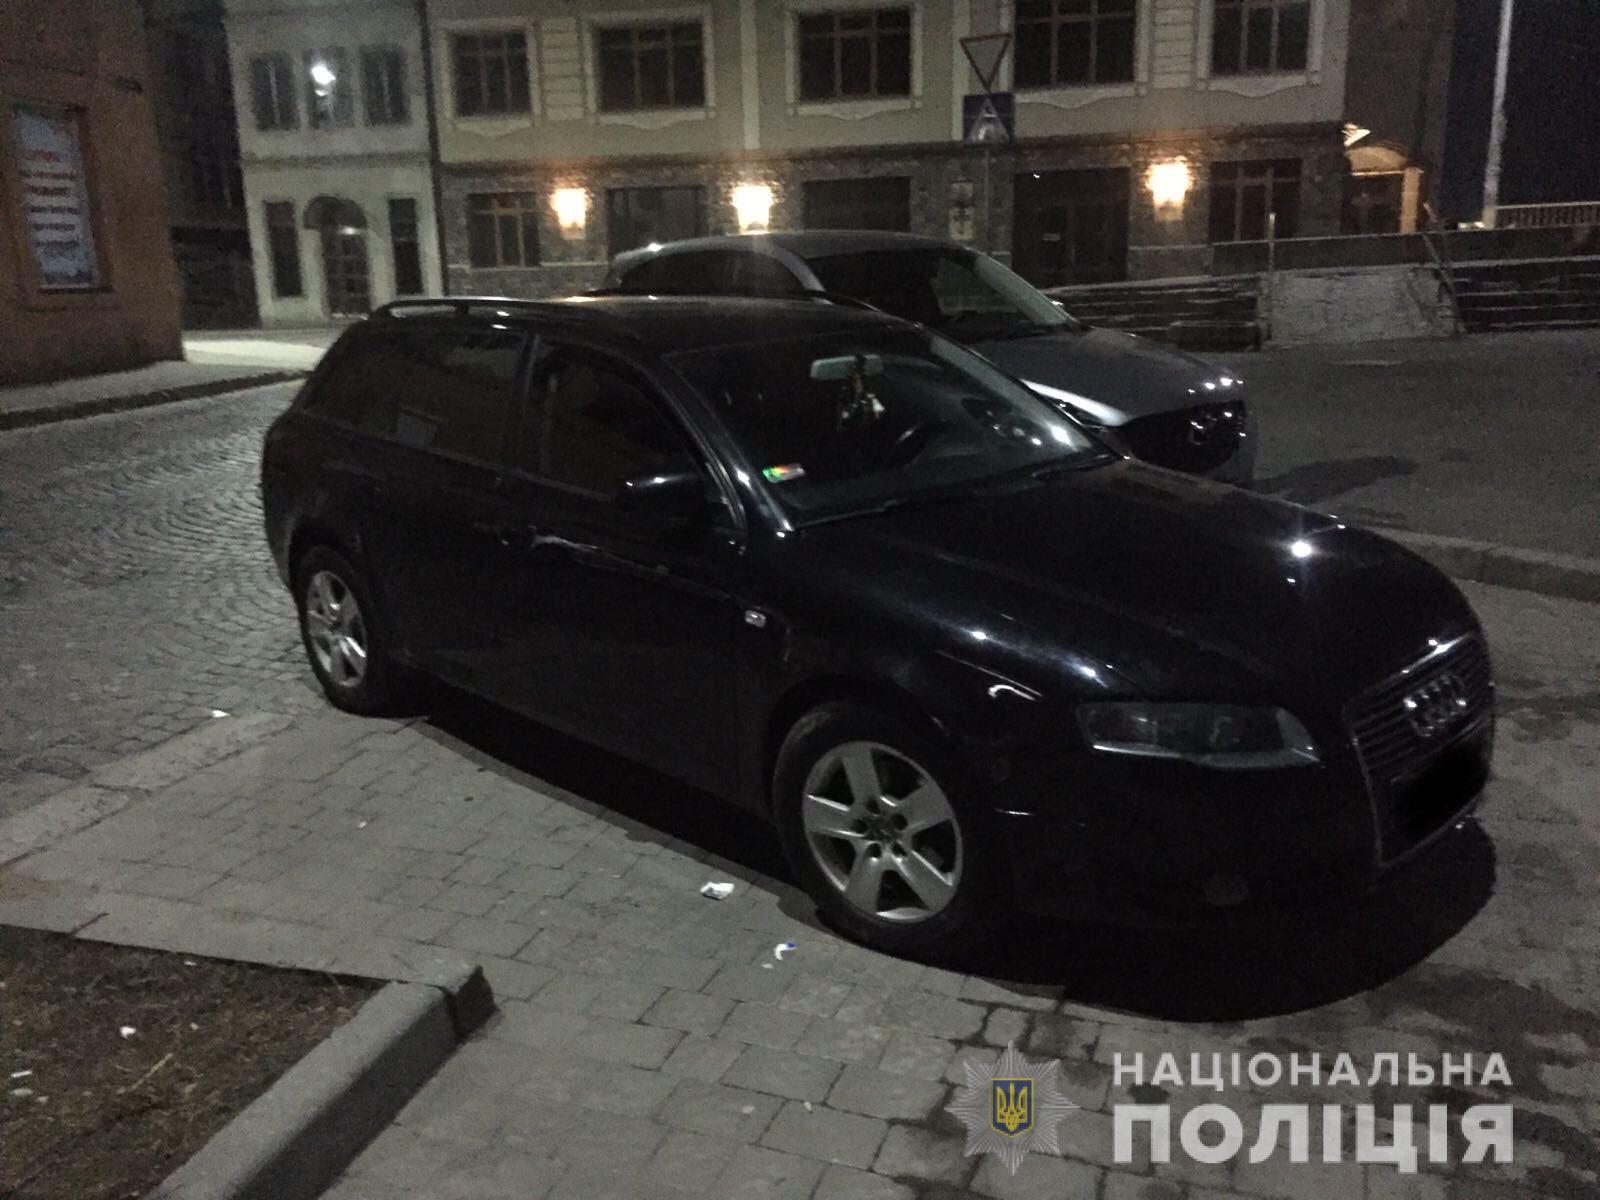 26-річний мешканець Мукачева із застосуванням сили відібрав у знайомого мобільний телефон і з місця події втік на власному автомобілі.